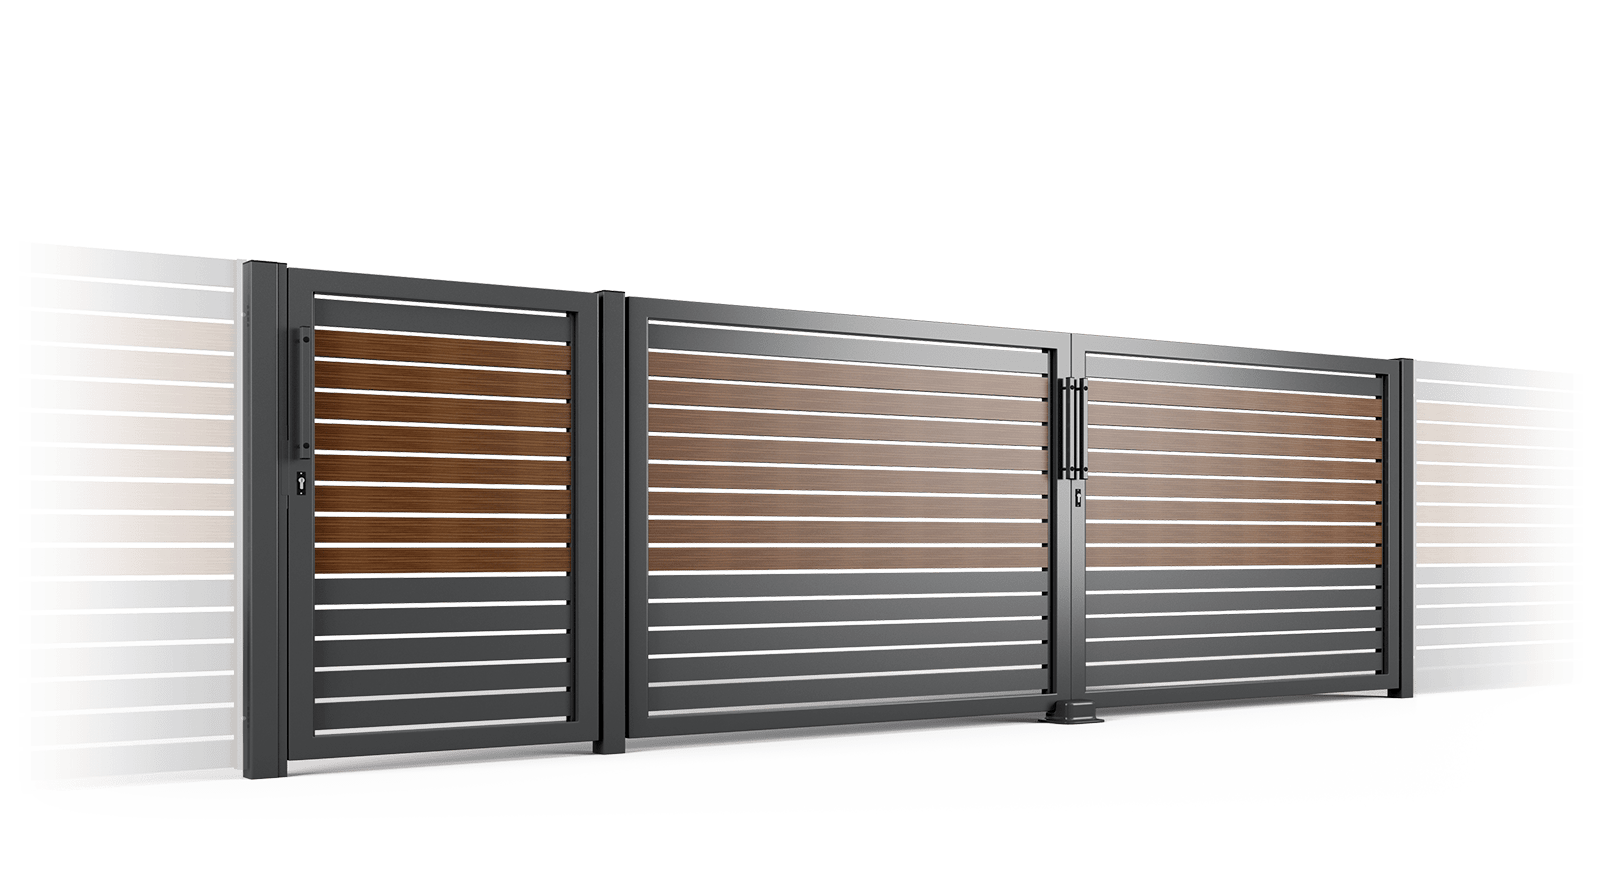 brama uchylna ogrodzenie palisadowe stylizowane PP 002 (P82) NOCE II BORDER KONSPORT